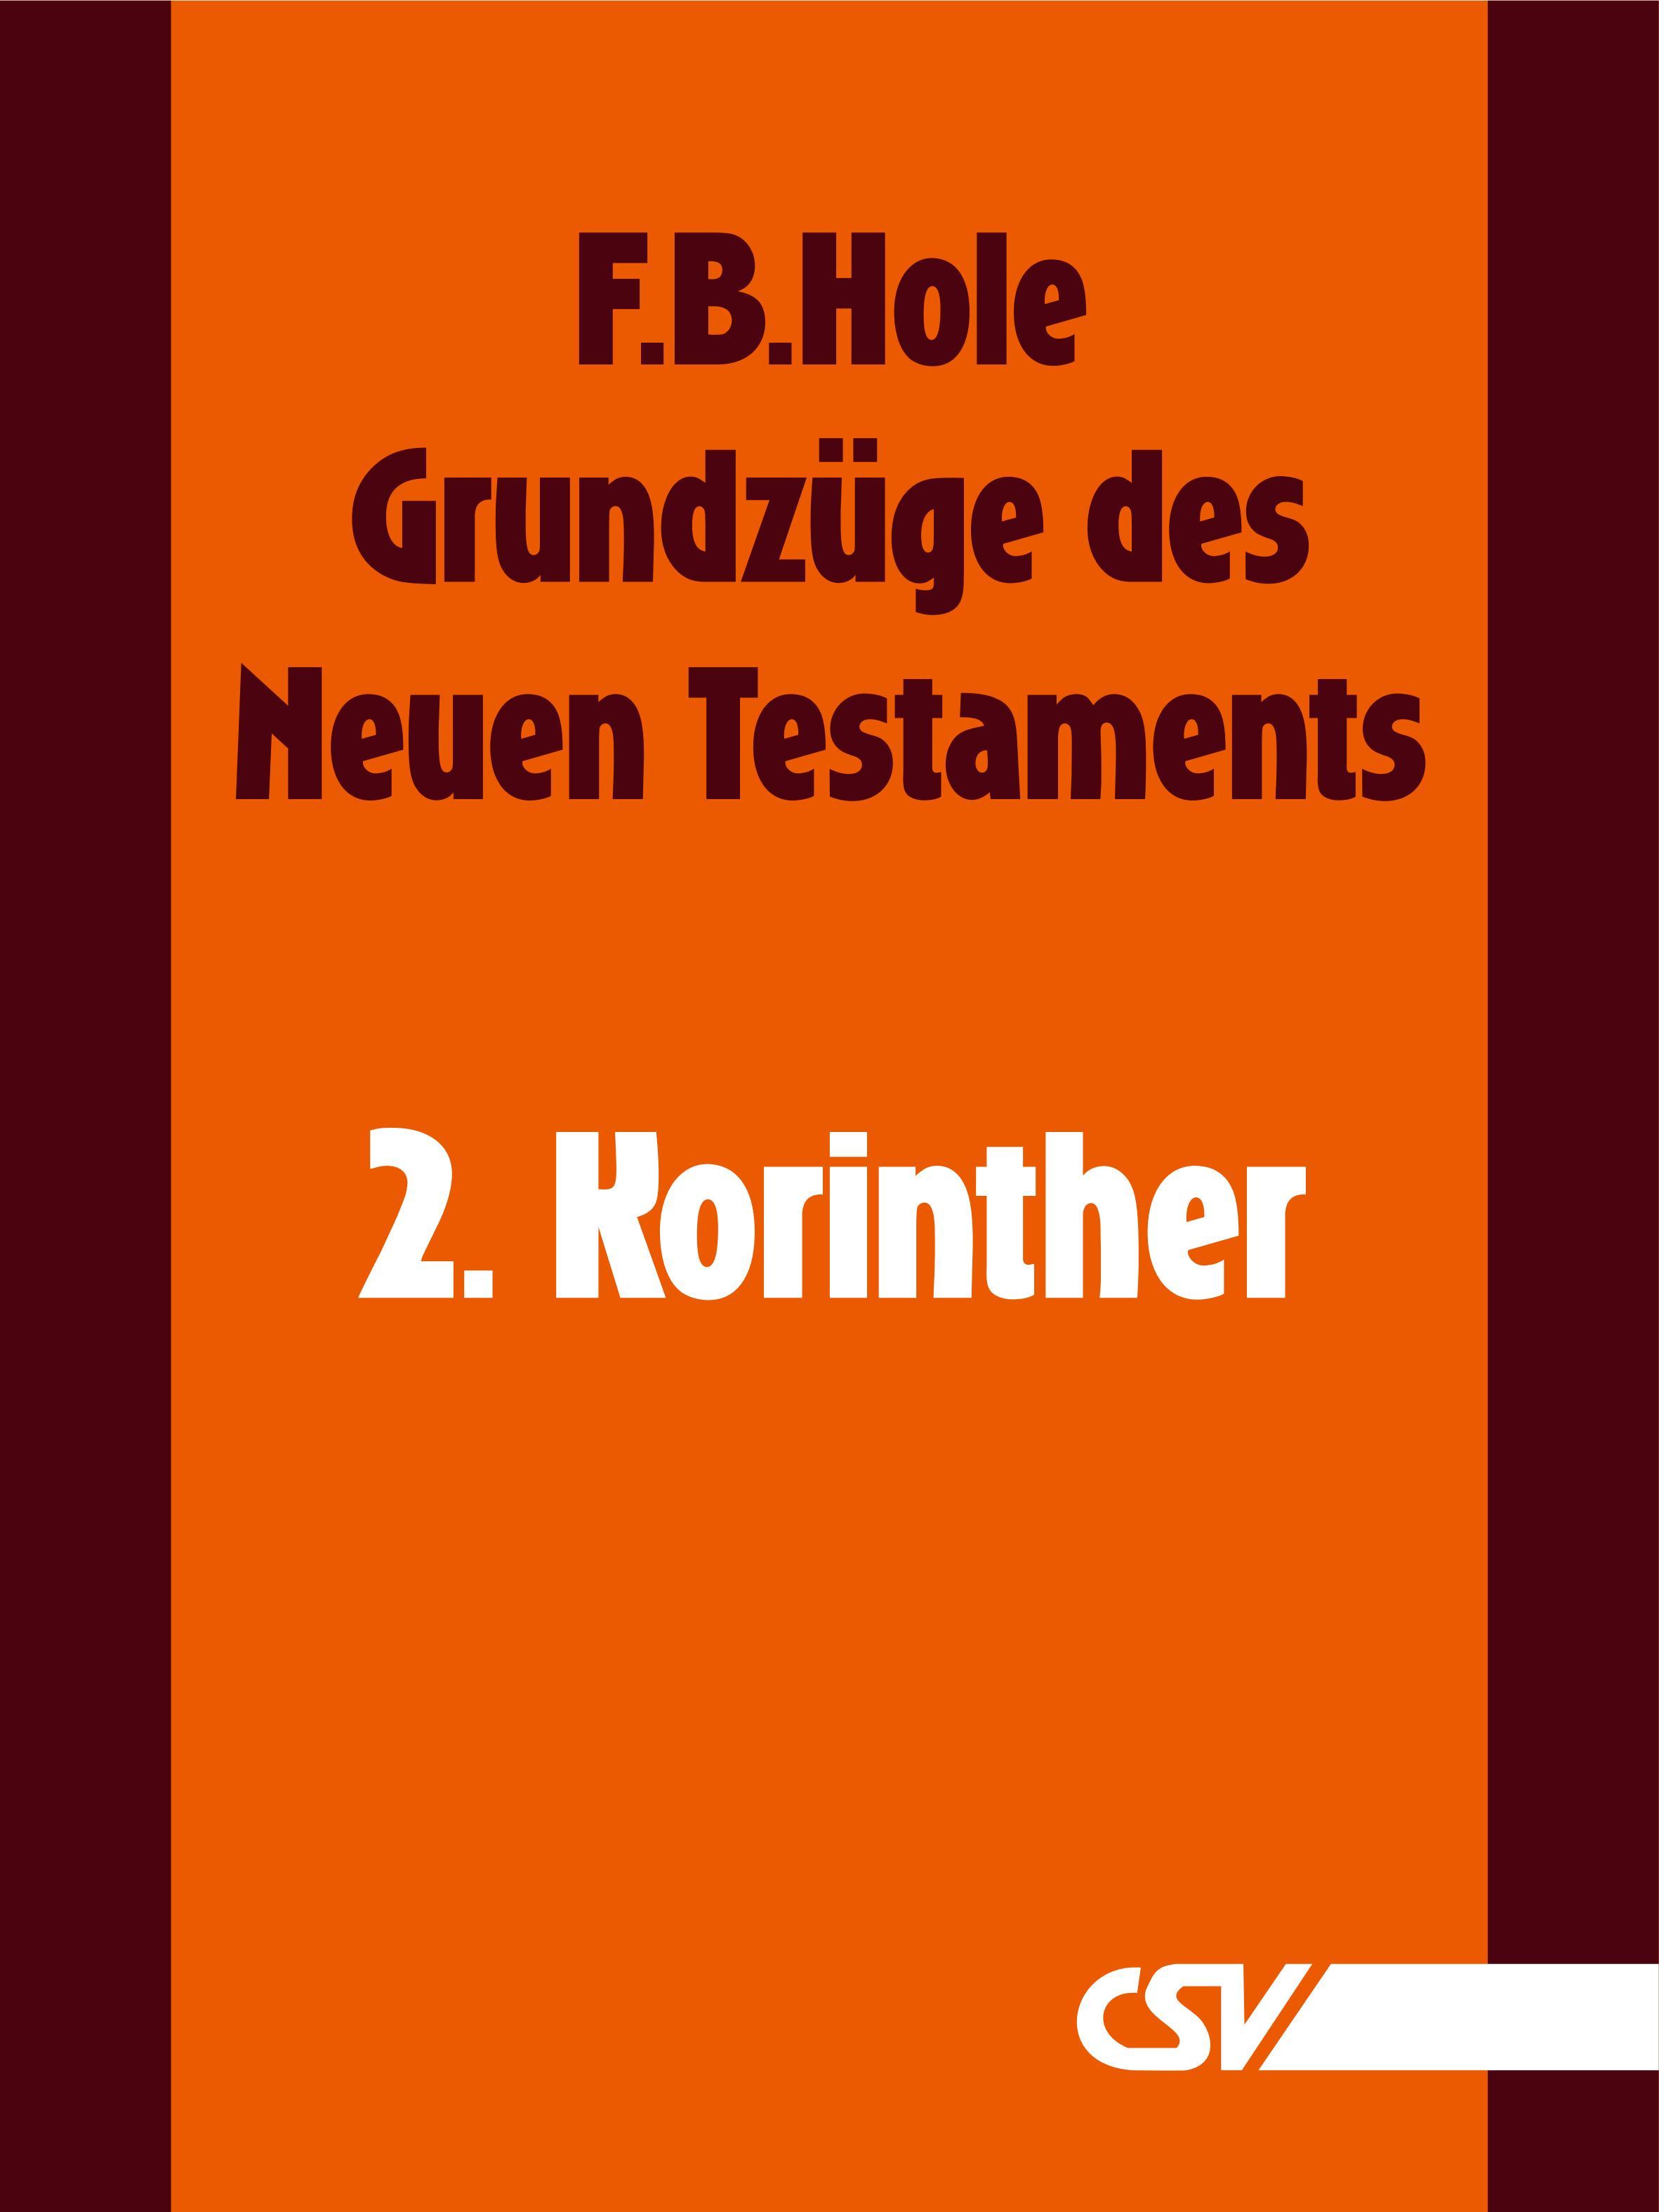 F. B. Hole Grundzüge des Neuen Testaments - 2. Korinther f b hole grundzüge des neuen testaments 2 korinther